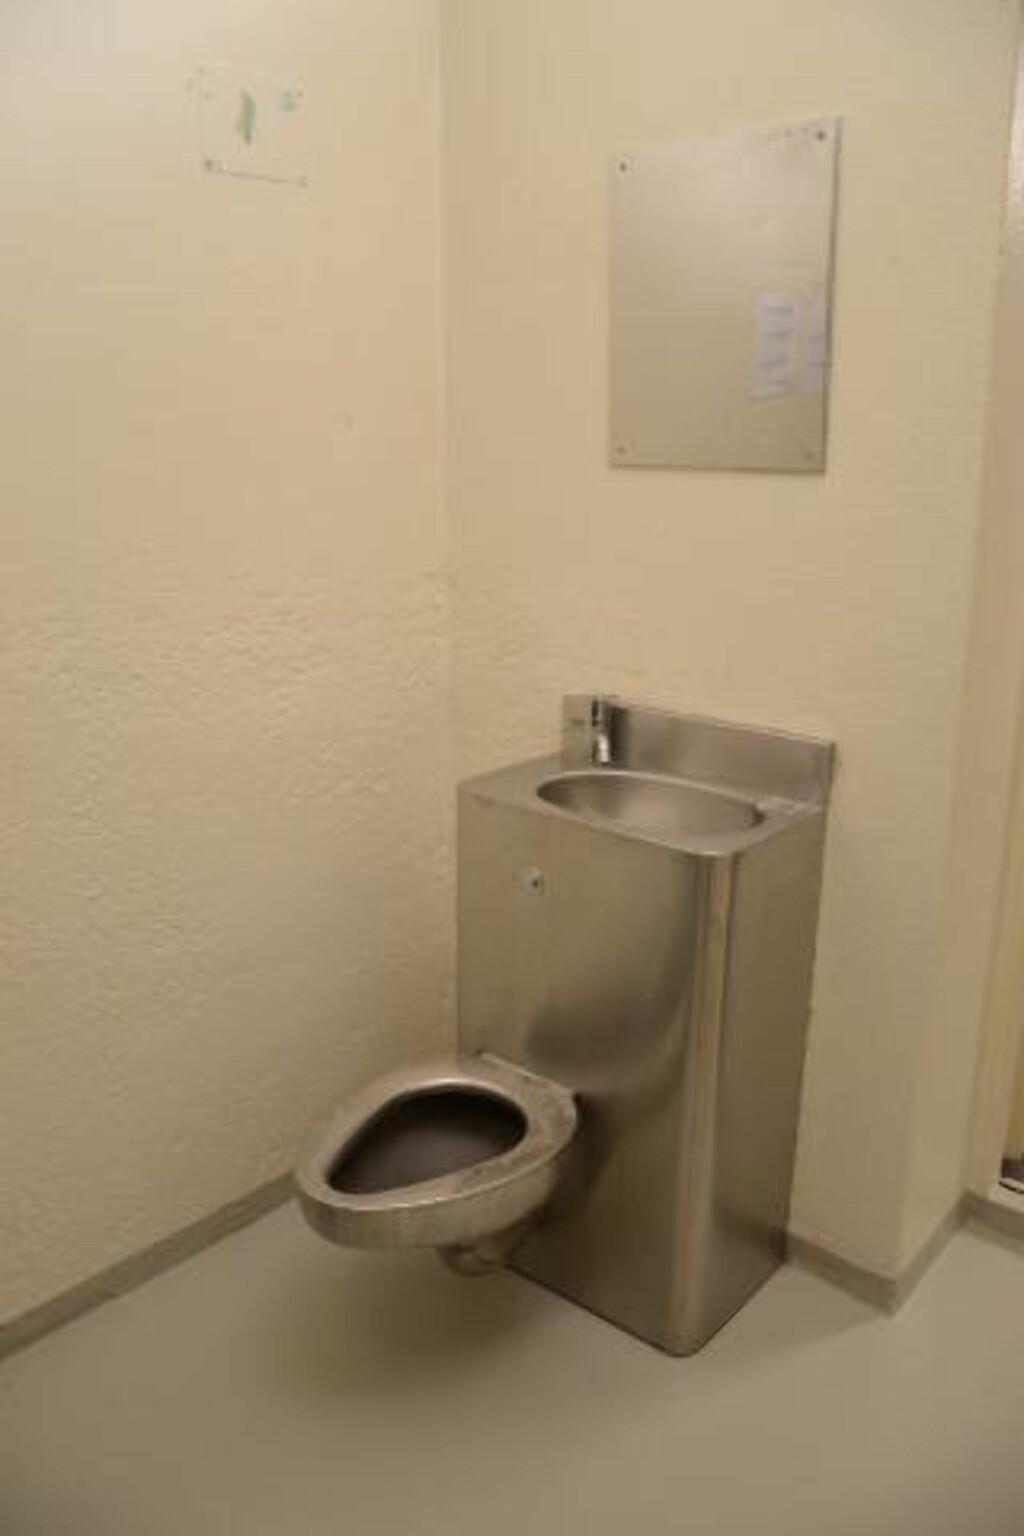 TOALETT: Toalettet Breivik har til disposisjon i fengselet er laget slik at det ikke har løse deler som kan benyttes som våpen eller til selvskading. Foto: Ila fengsel og forvaringsanstalt/Glefs AS